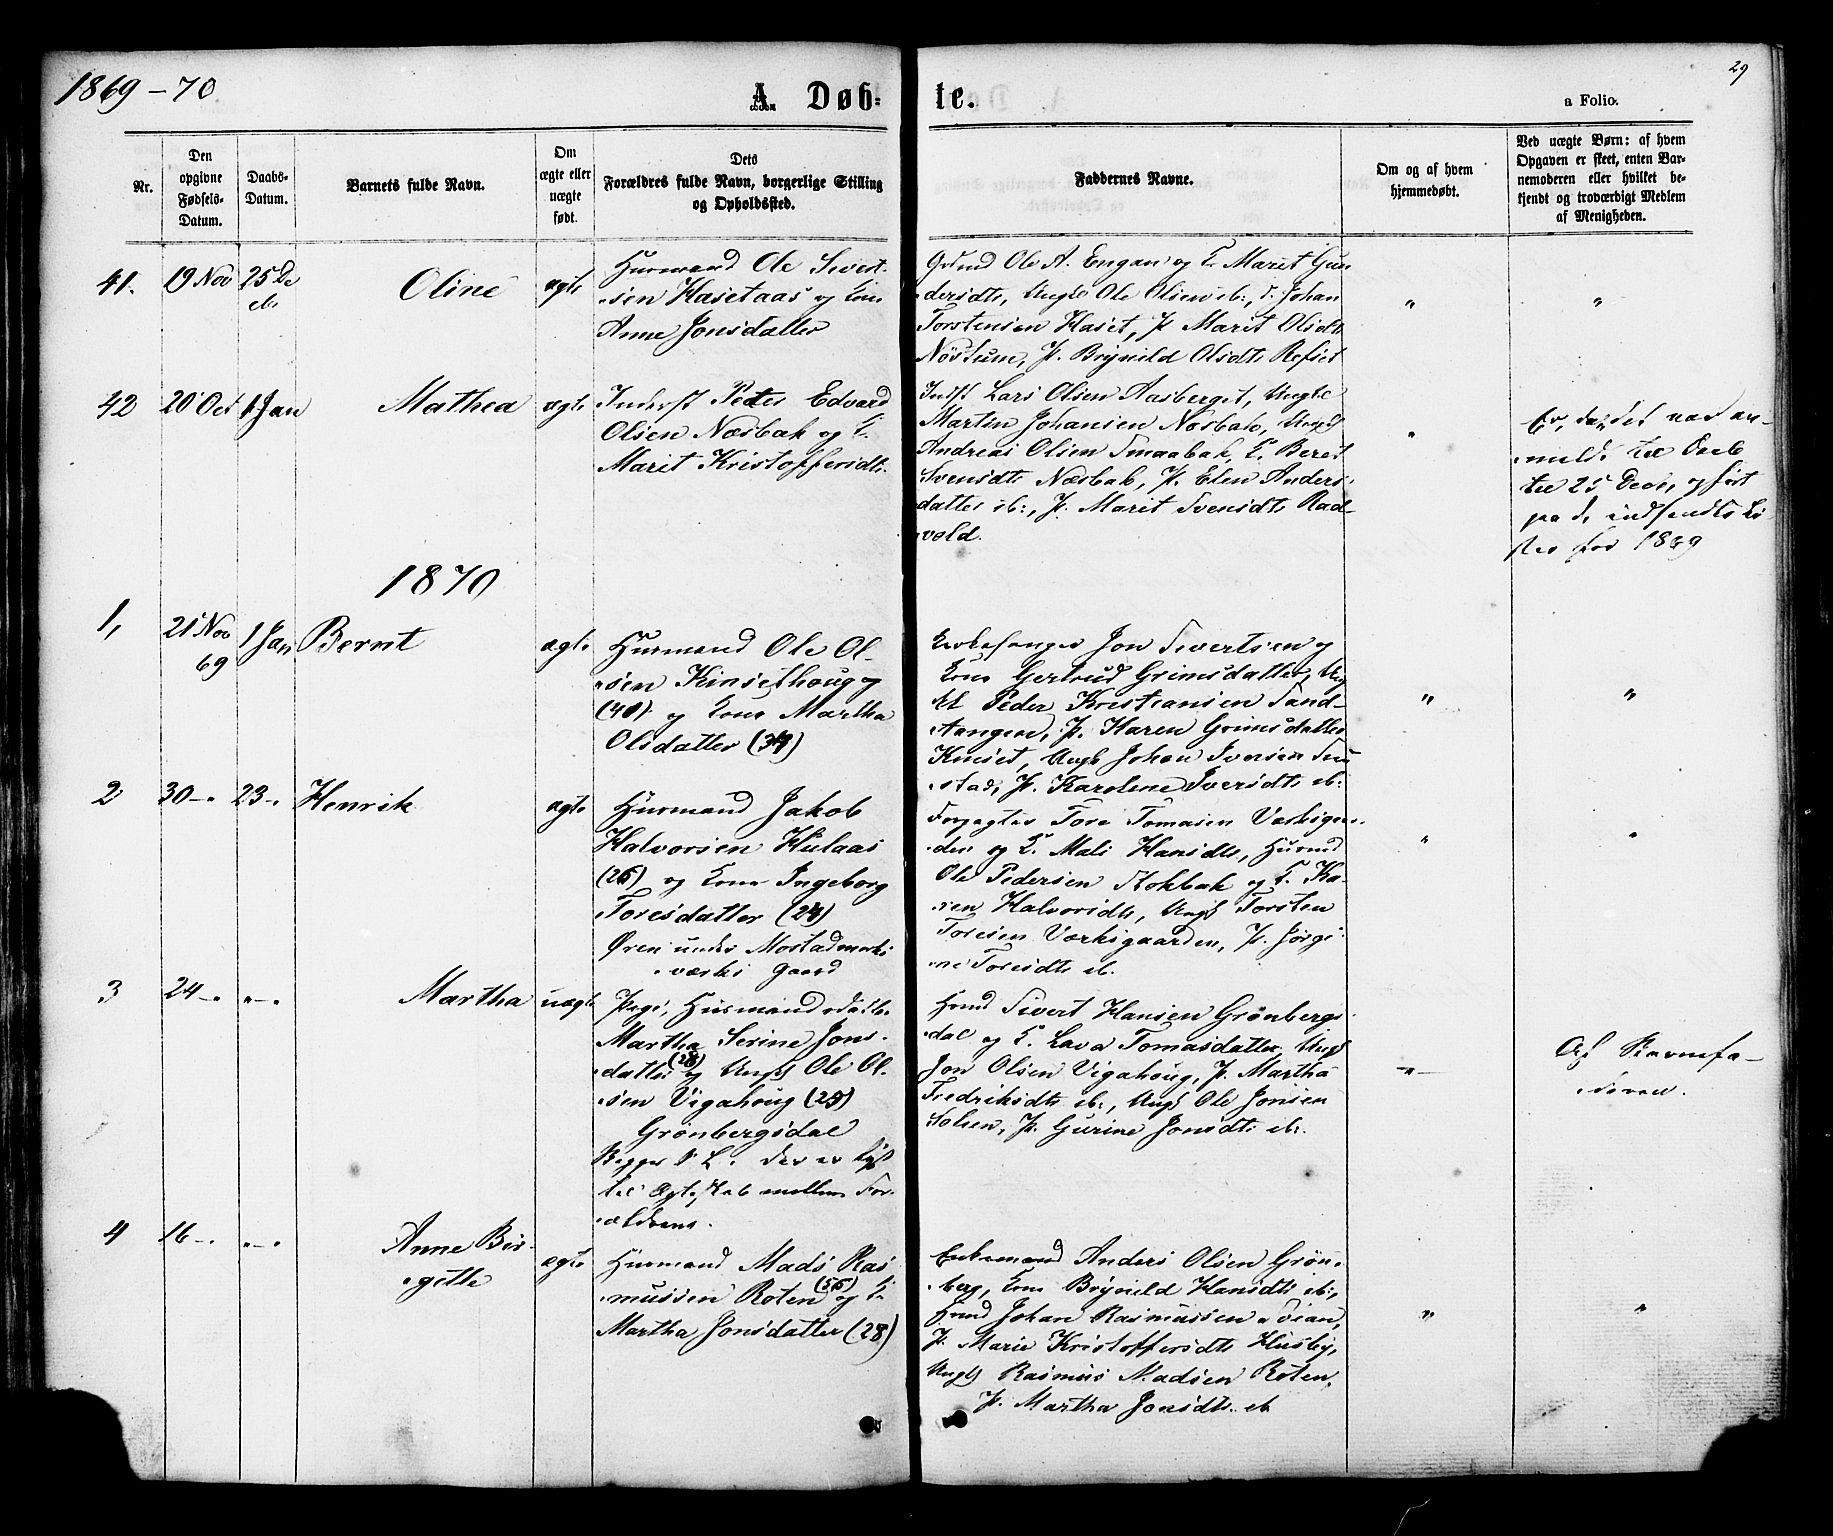 SAT, Ministerialprotokoller, klokkerbøker og fødselsregistre - Sør-Trøndelag, 616/L0409: Ministerialbok nr. 616A06, 1865-1877, s. 29